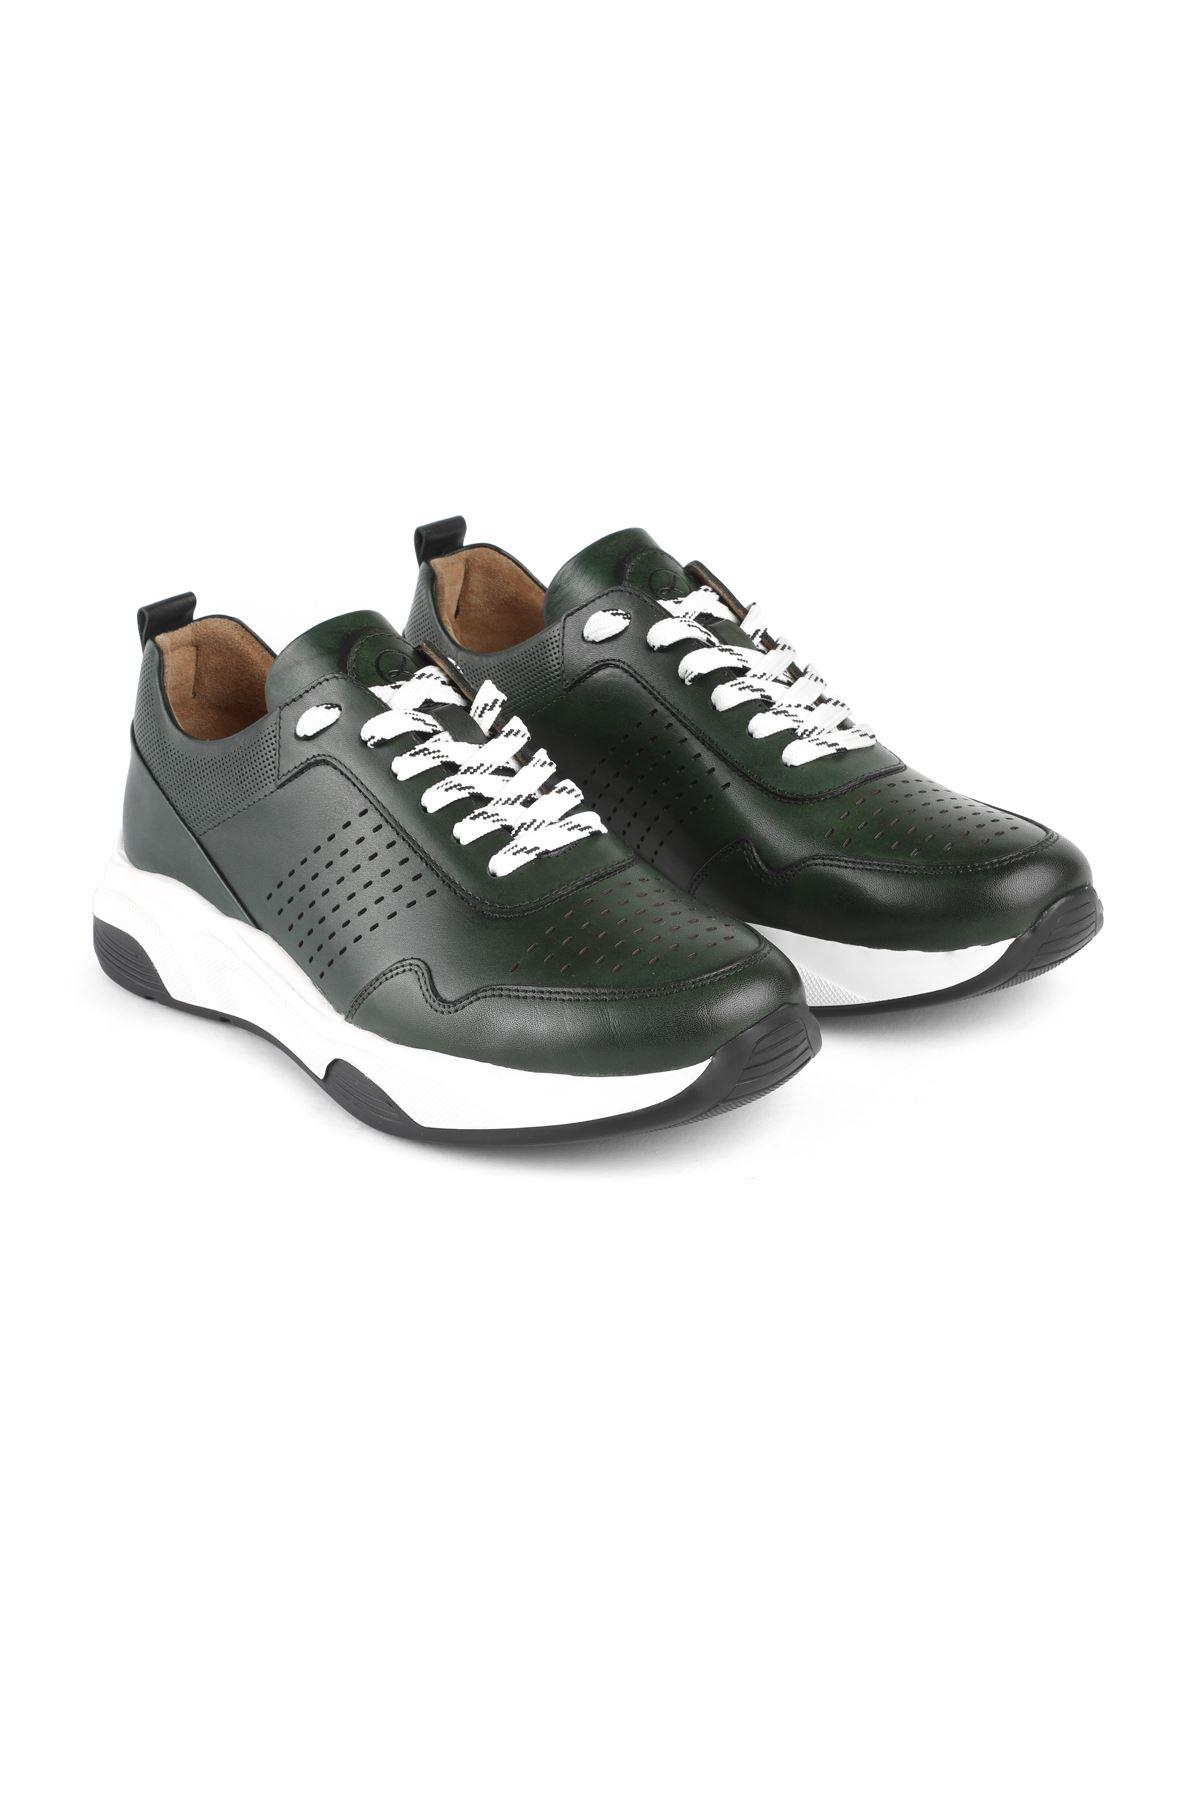 Libero 3313 Khaki Sport Shoes